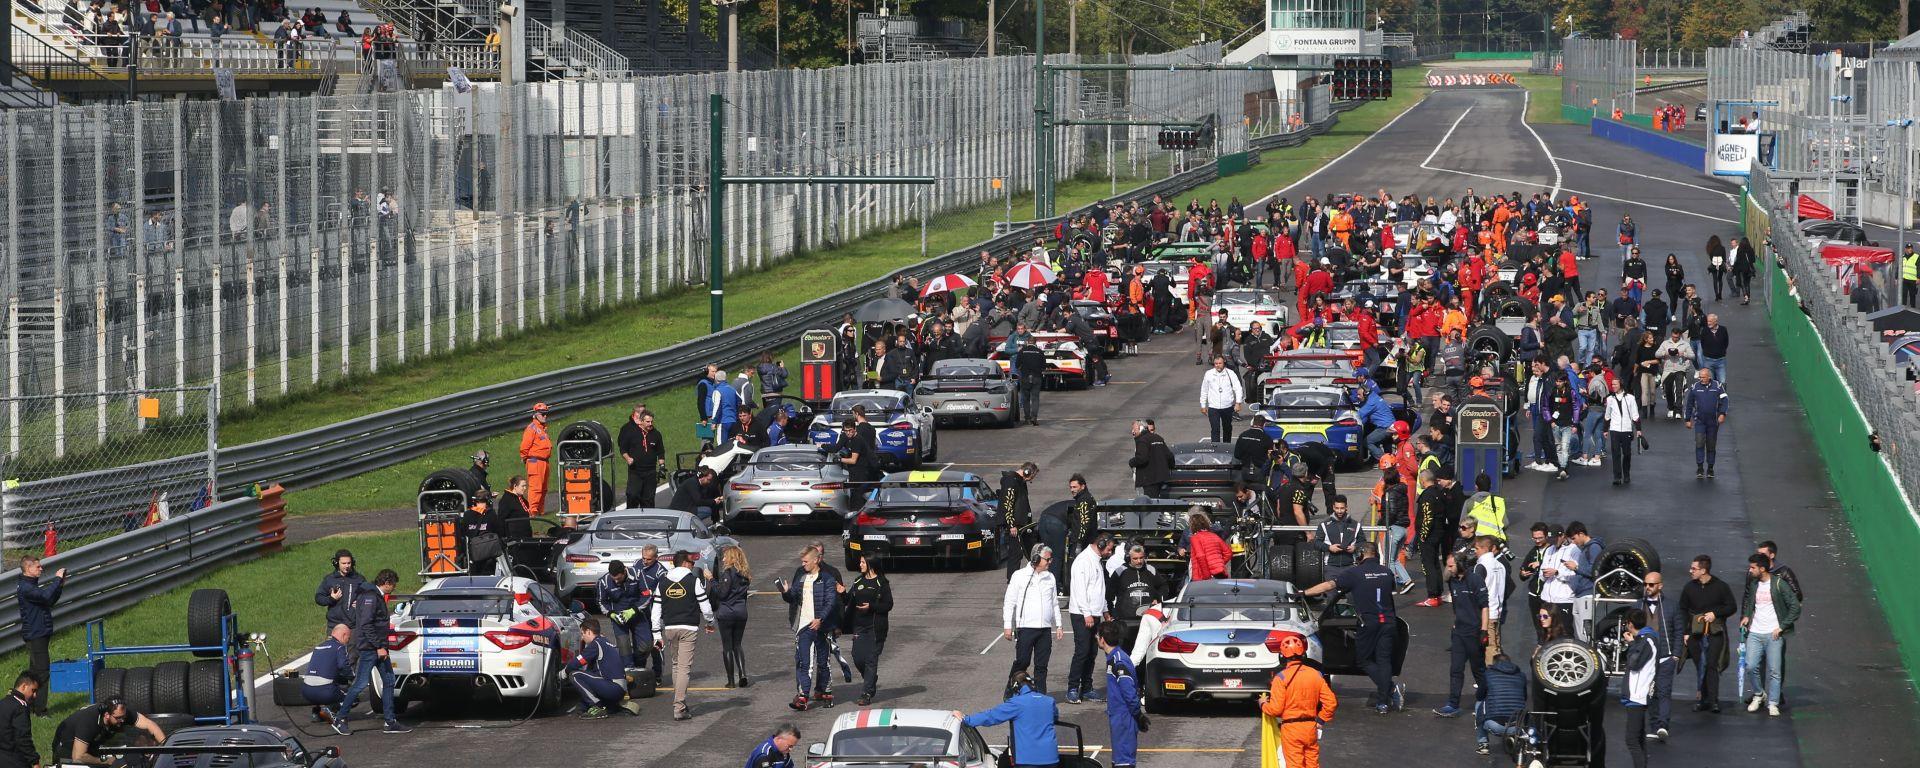 Campionato Italiano GT 2019, la griglia di partenza nell'appuntamento di Monza